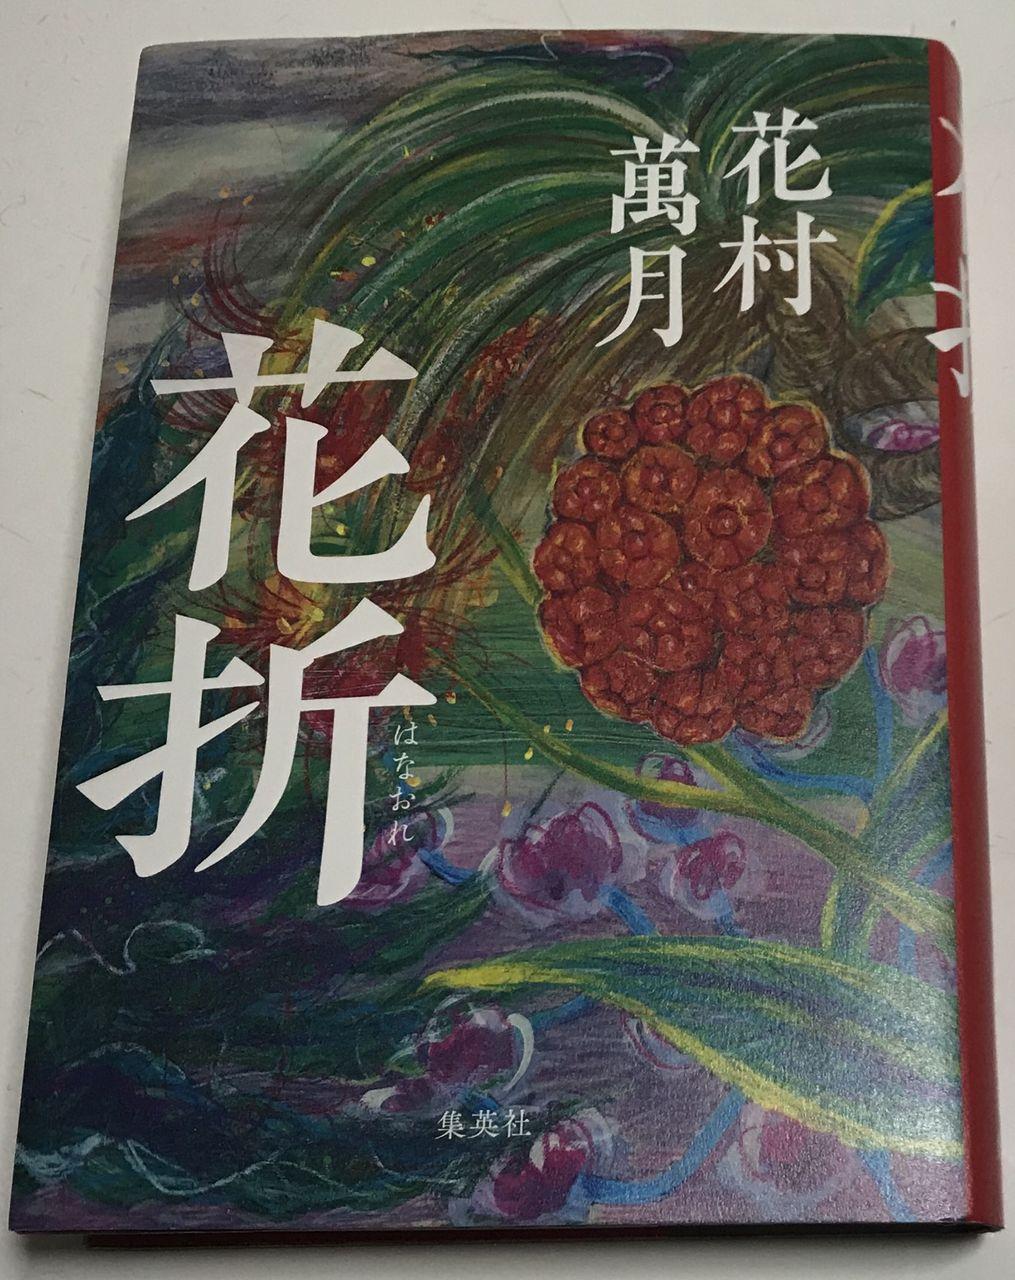 花村萬月の「花折(はなおれ)」です。余談ですが、この作品を購入する際に、花村萬月が白血病で闘病中だと知りました。萬月作品を全部読んできている僕としましては、